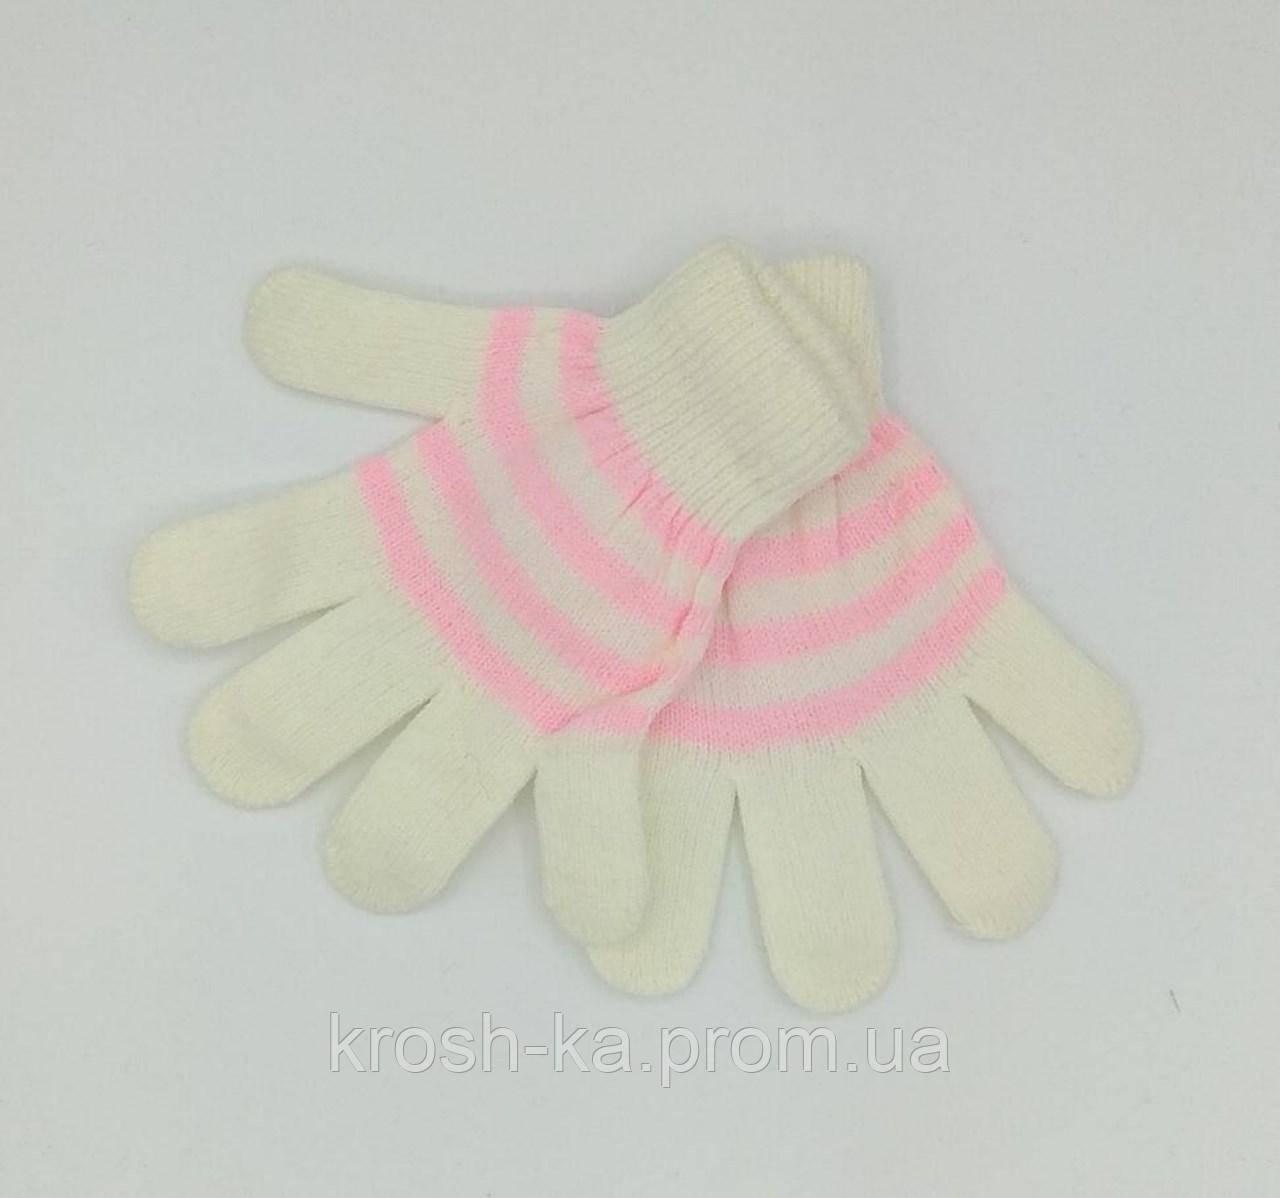 Перчатки для девочки бело-розовые(104-116)р Польша 7372